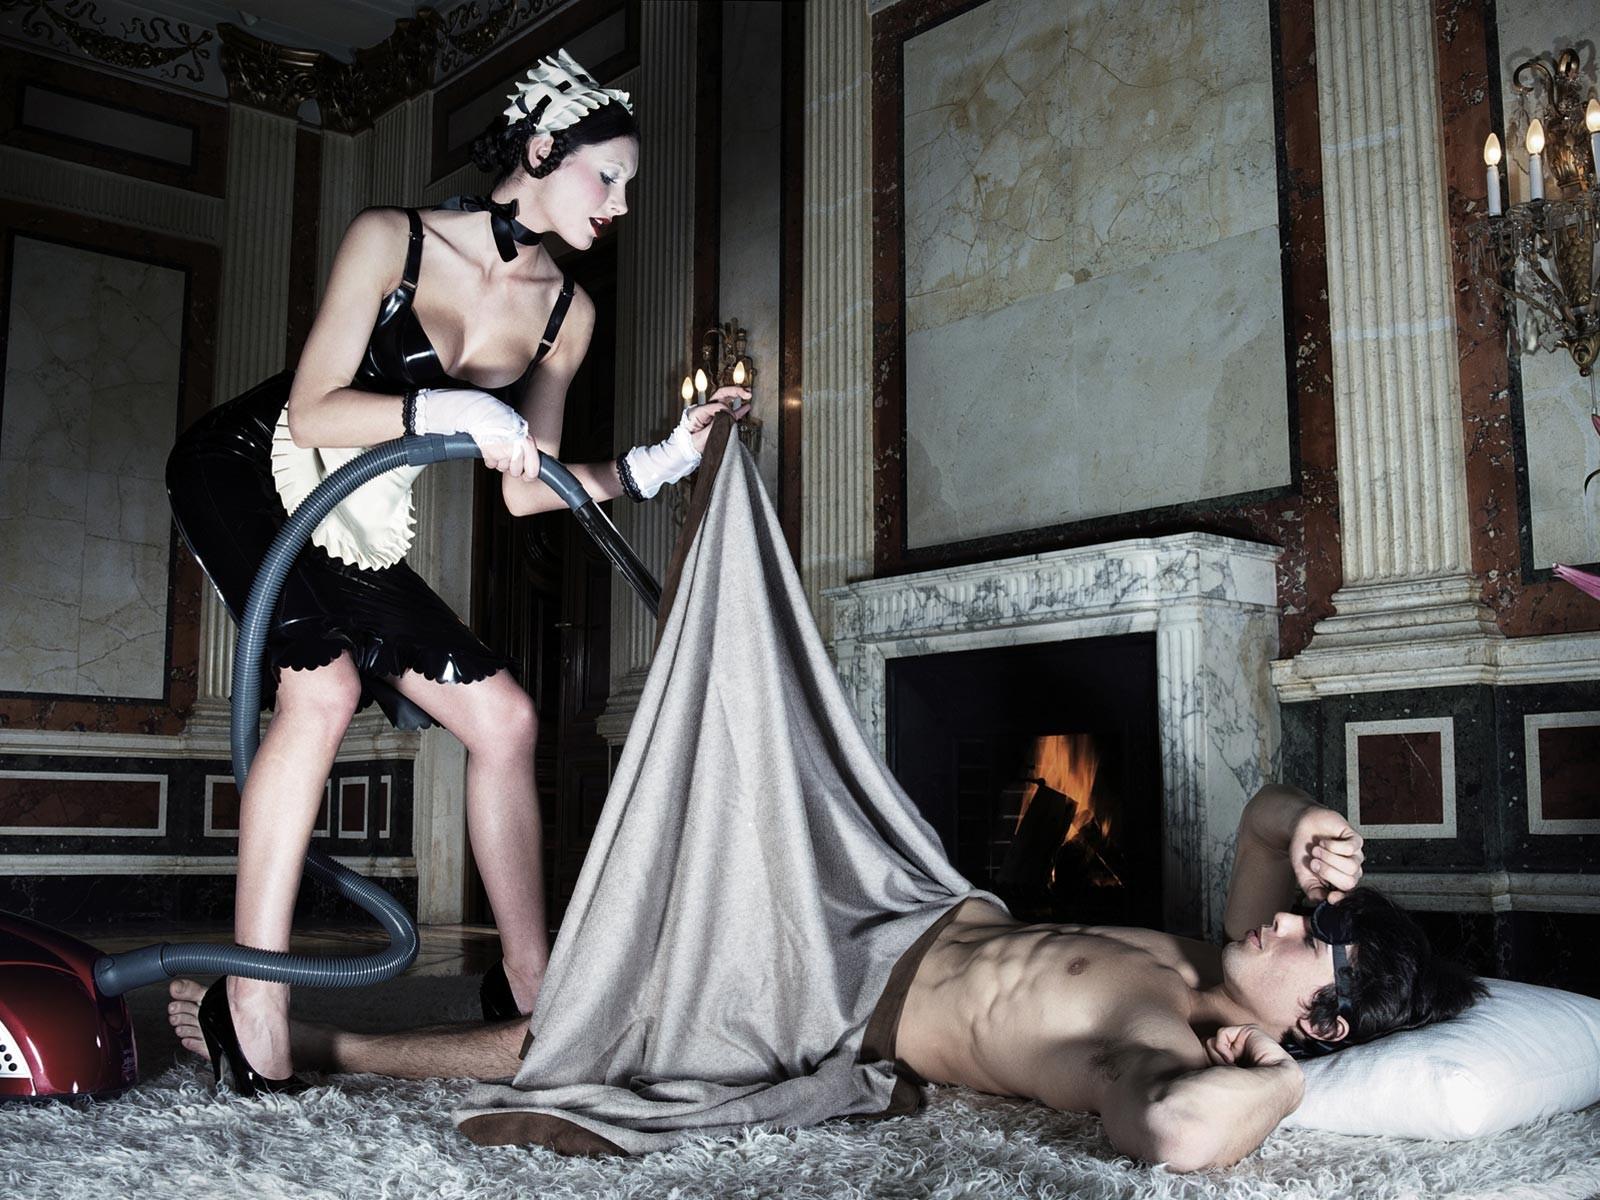 которой каждый что делает госпожа в ролевых играх назначается после